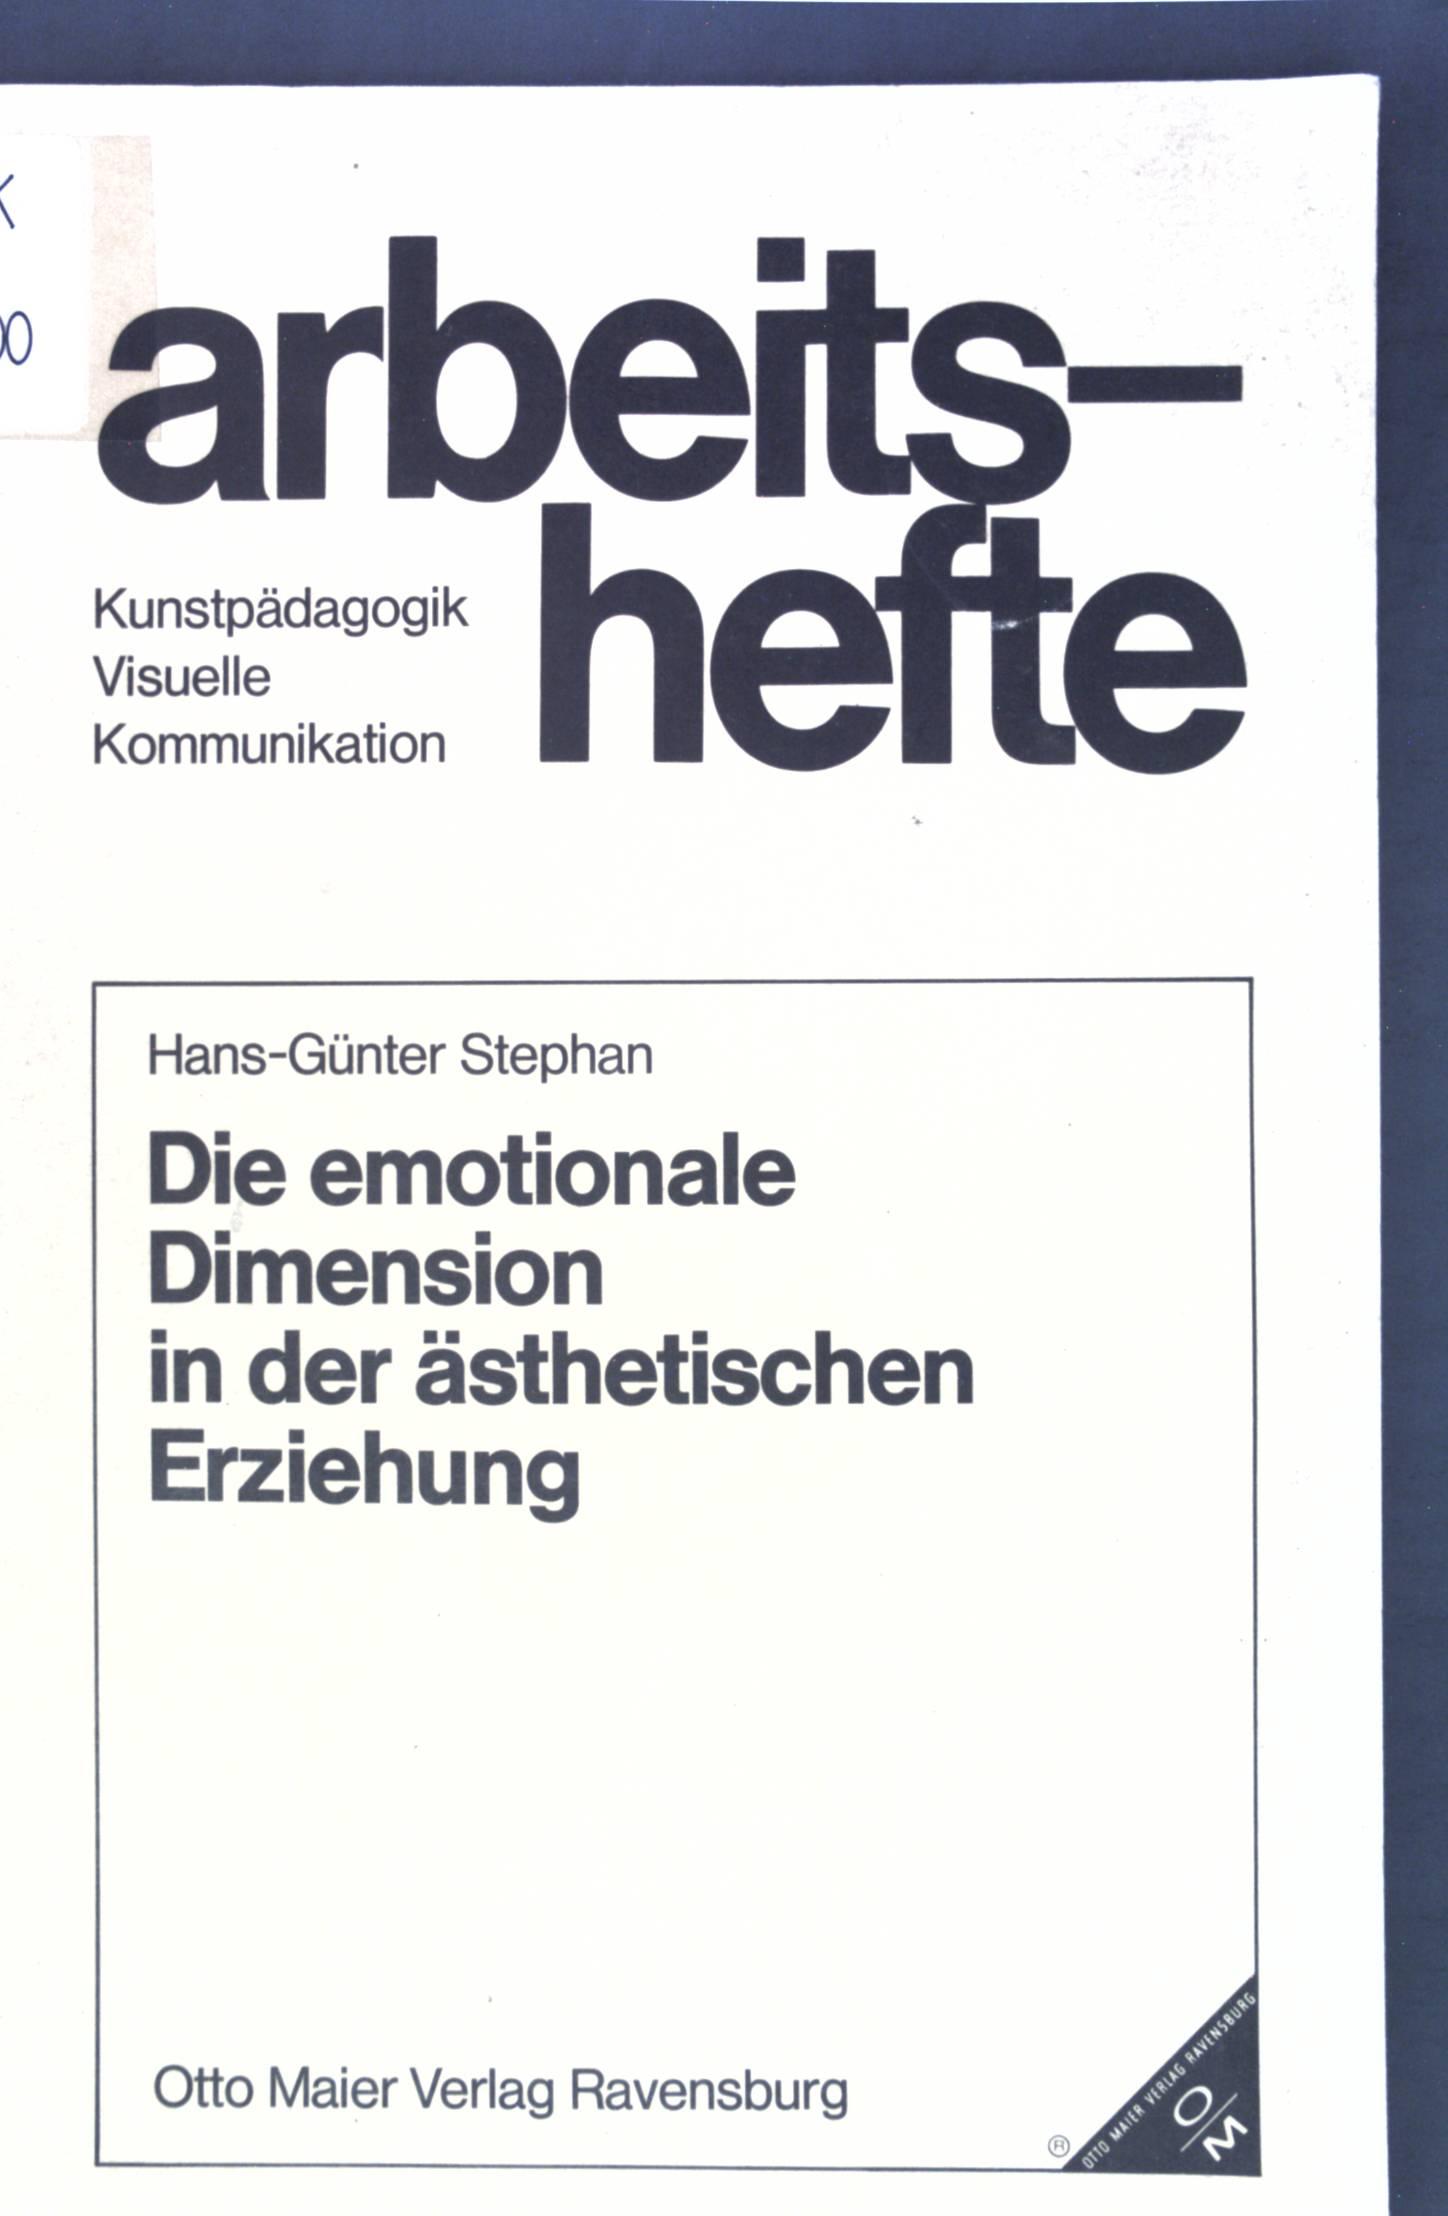 Die emotionale Dimension in der ästhetischen Erziehung. Arbeitshefte : Kunstpädagogik, visuelle Kommunikation - Stephan, Hans-Günter